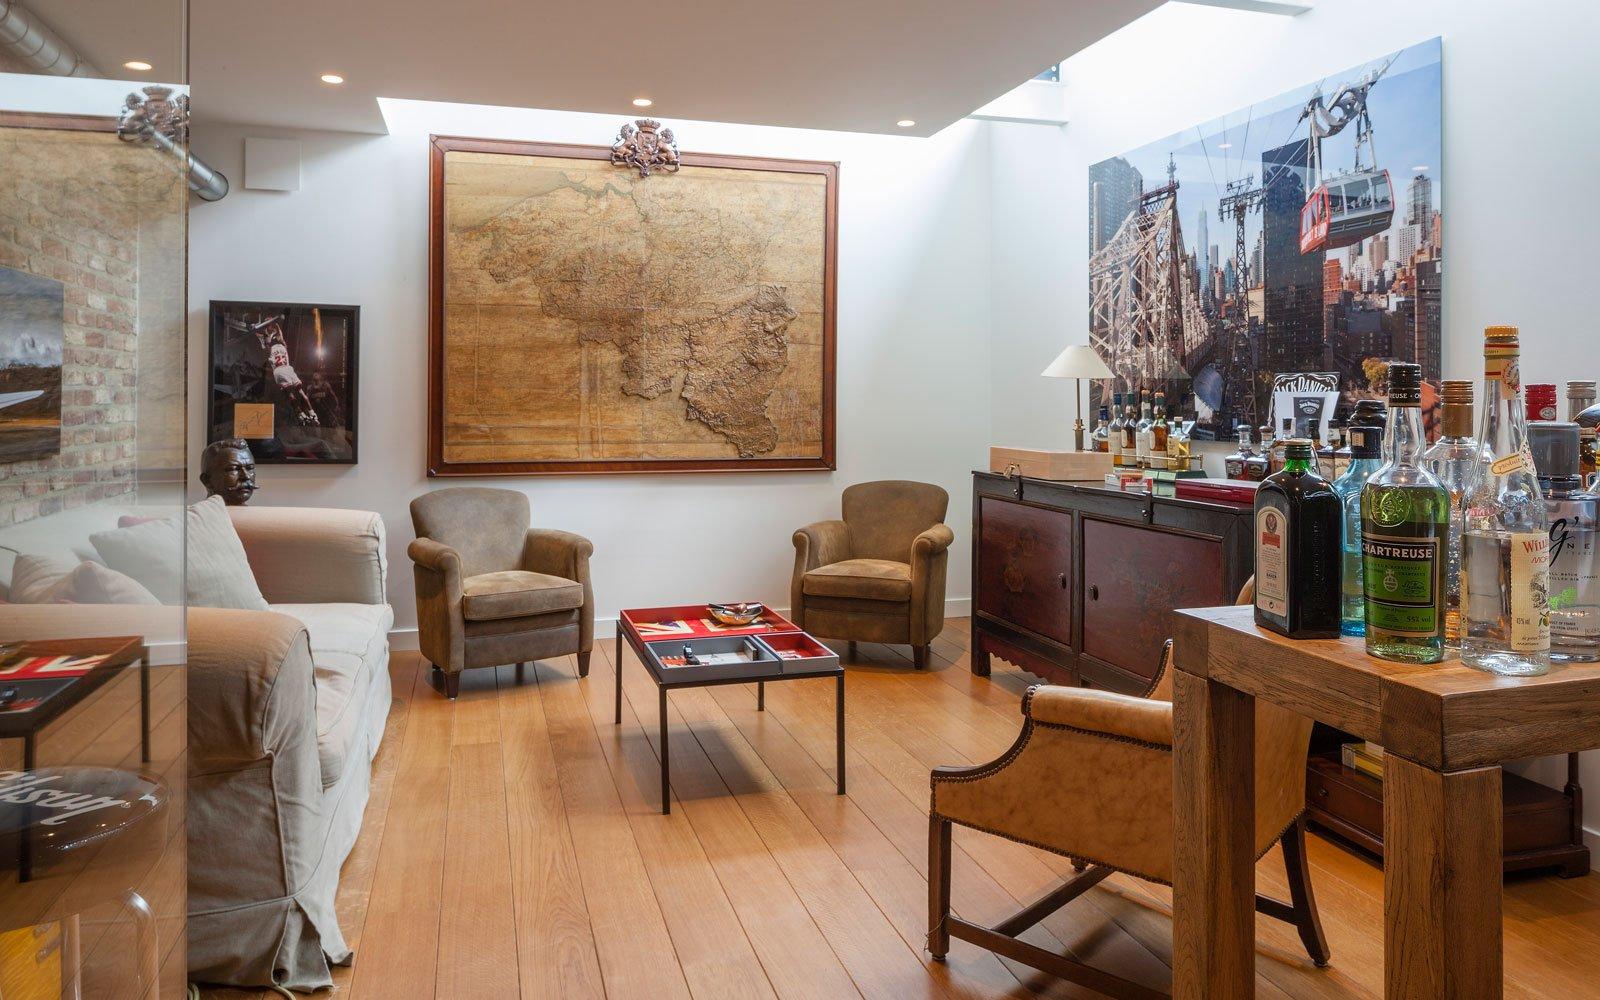 Kelder, houten vloer, Amerikaanse stijl, b+ villas